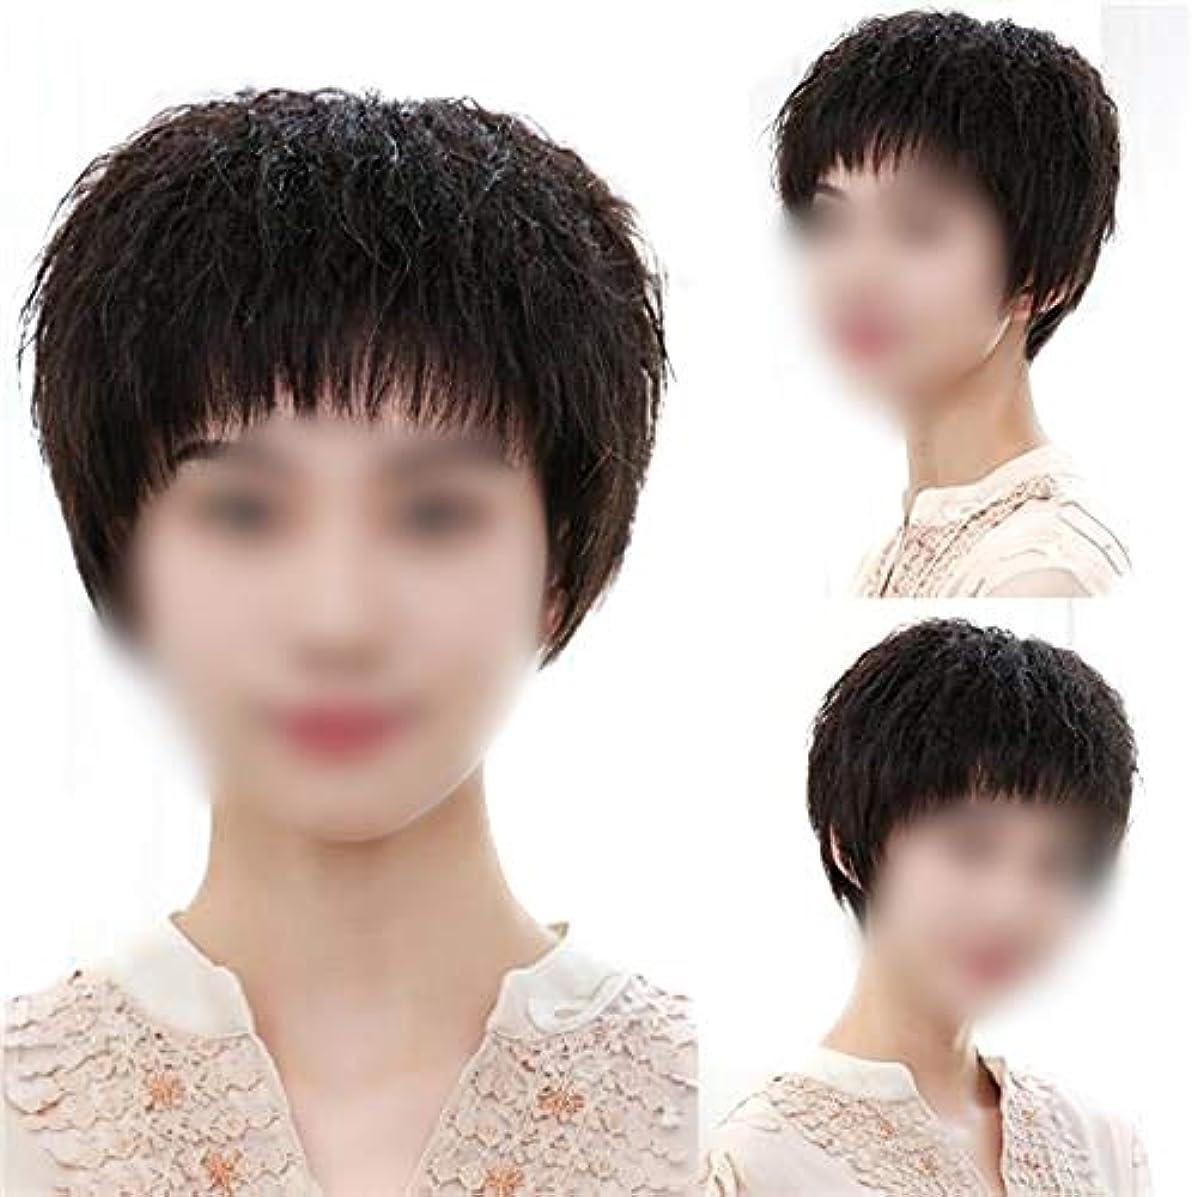 サンダースカウンターパート旅行者YOUQIU フル手織り実髪コーンホットショートカーリーヘアウィッグ女性のために現実的なナチュラルウィッグ (色 : Natural black)